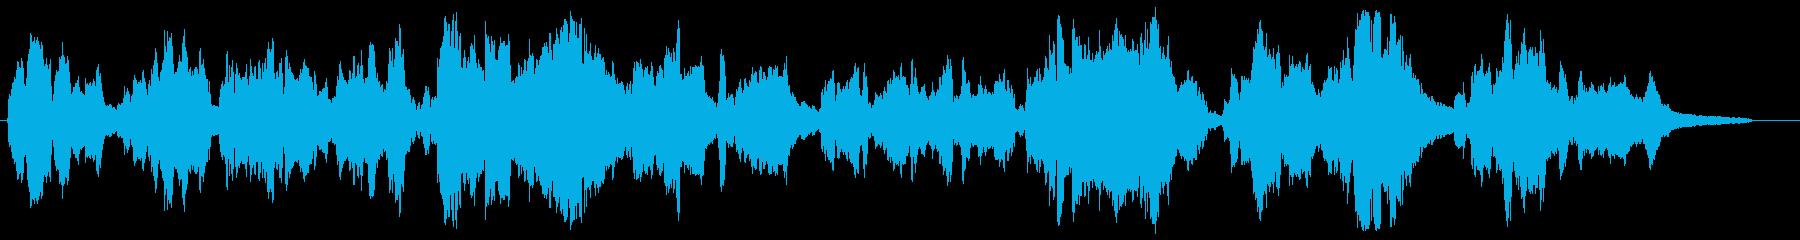 切ない感動シーン向け・バイオリンとピアノの再生済みの波形